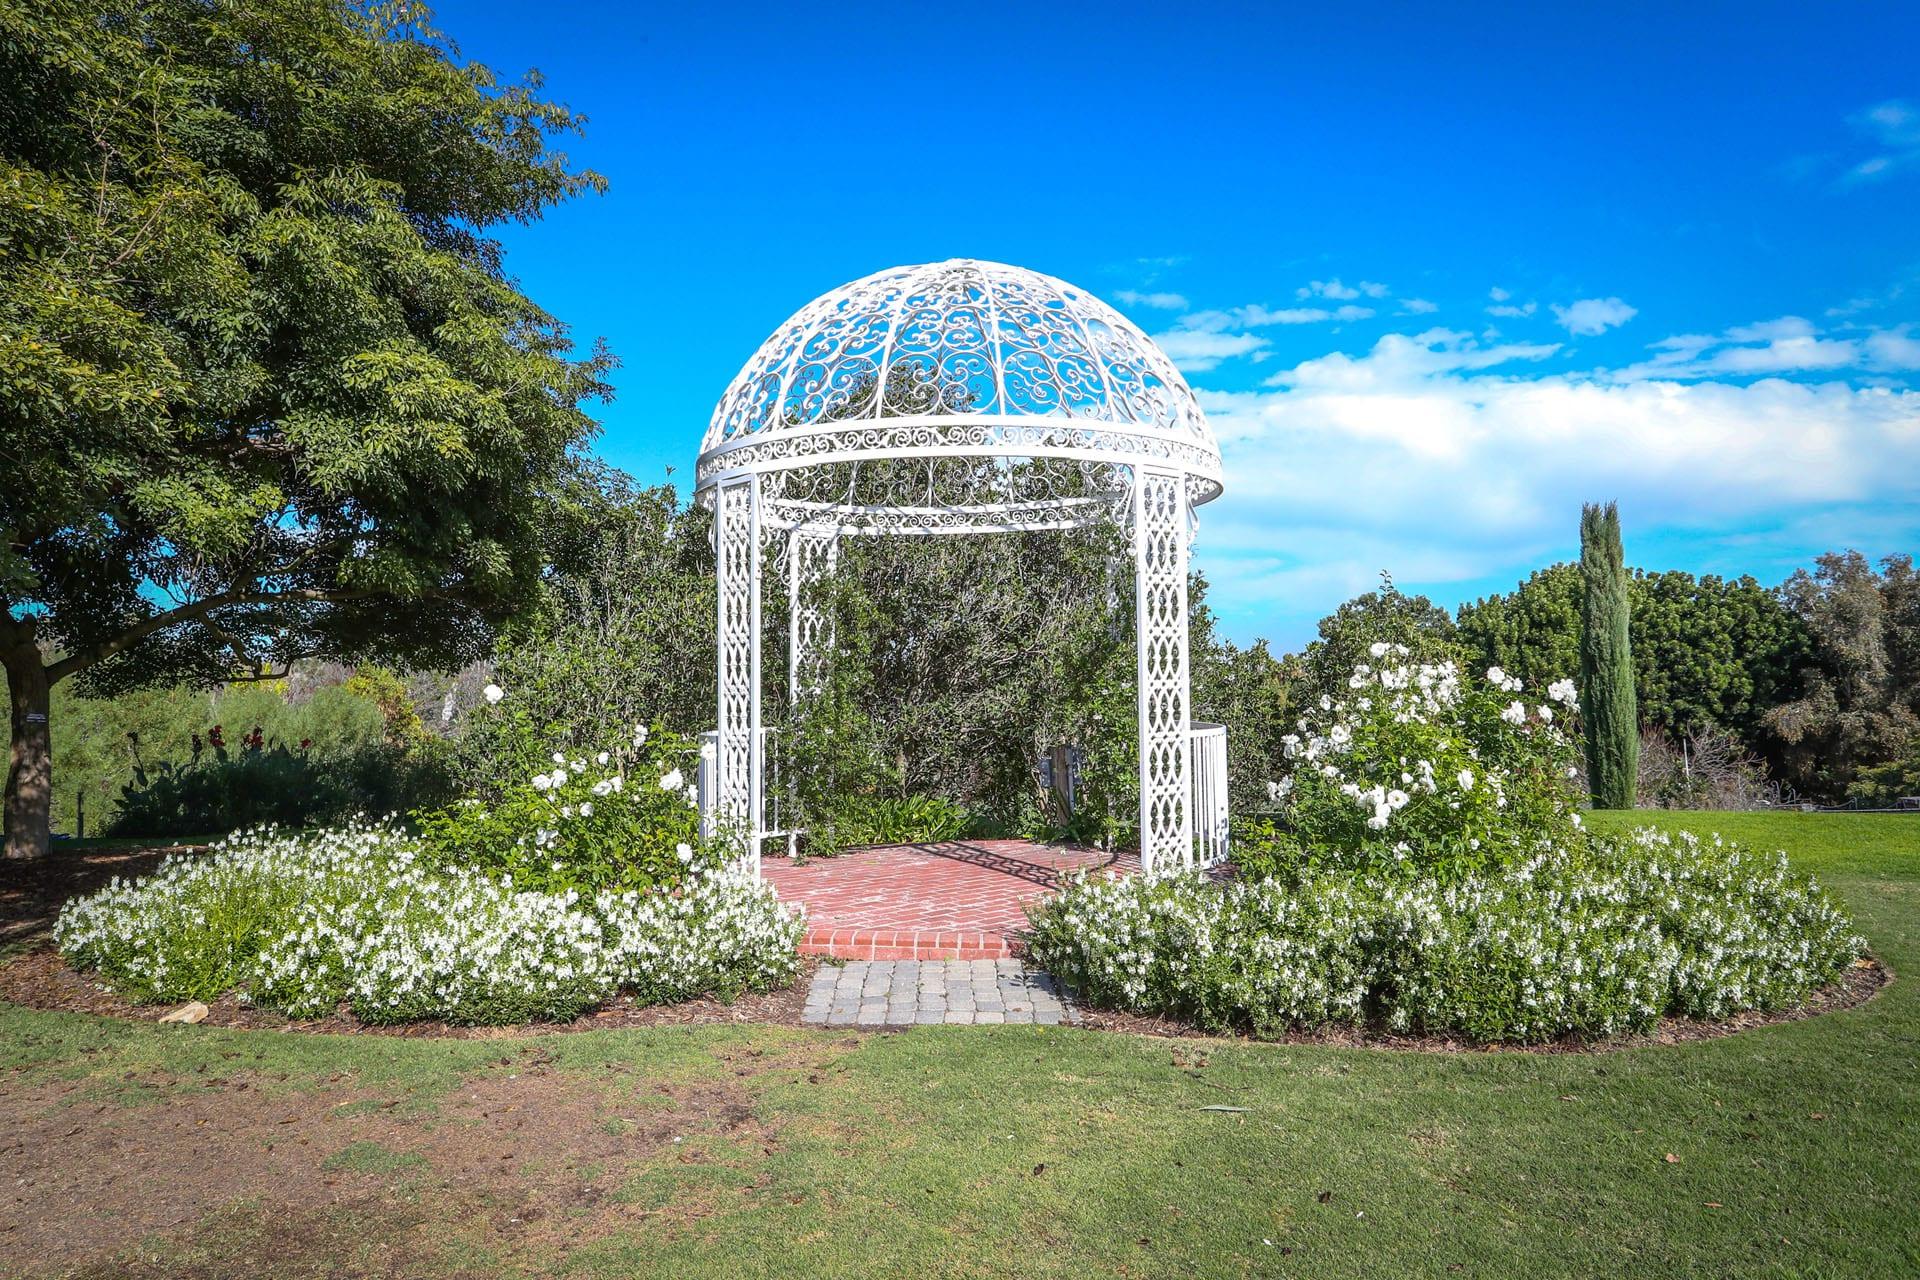 Gazebo in a garden area